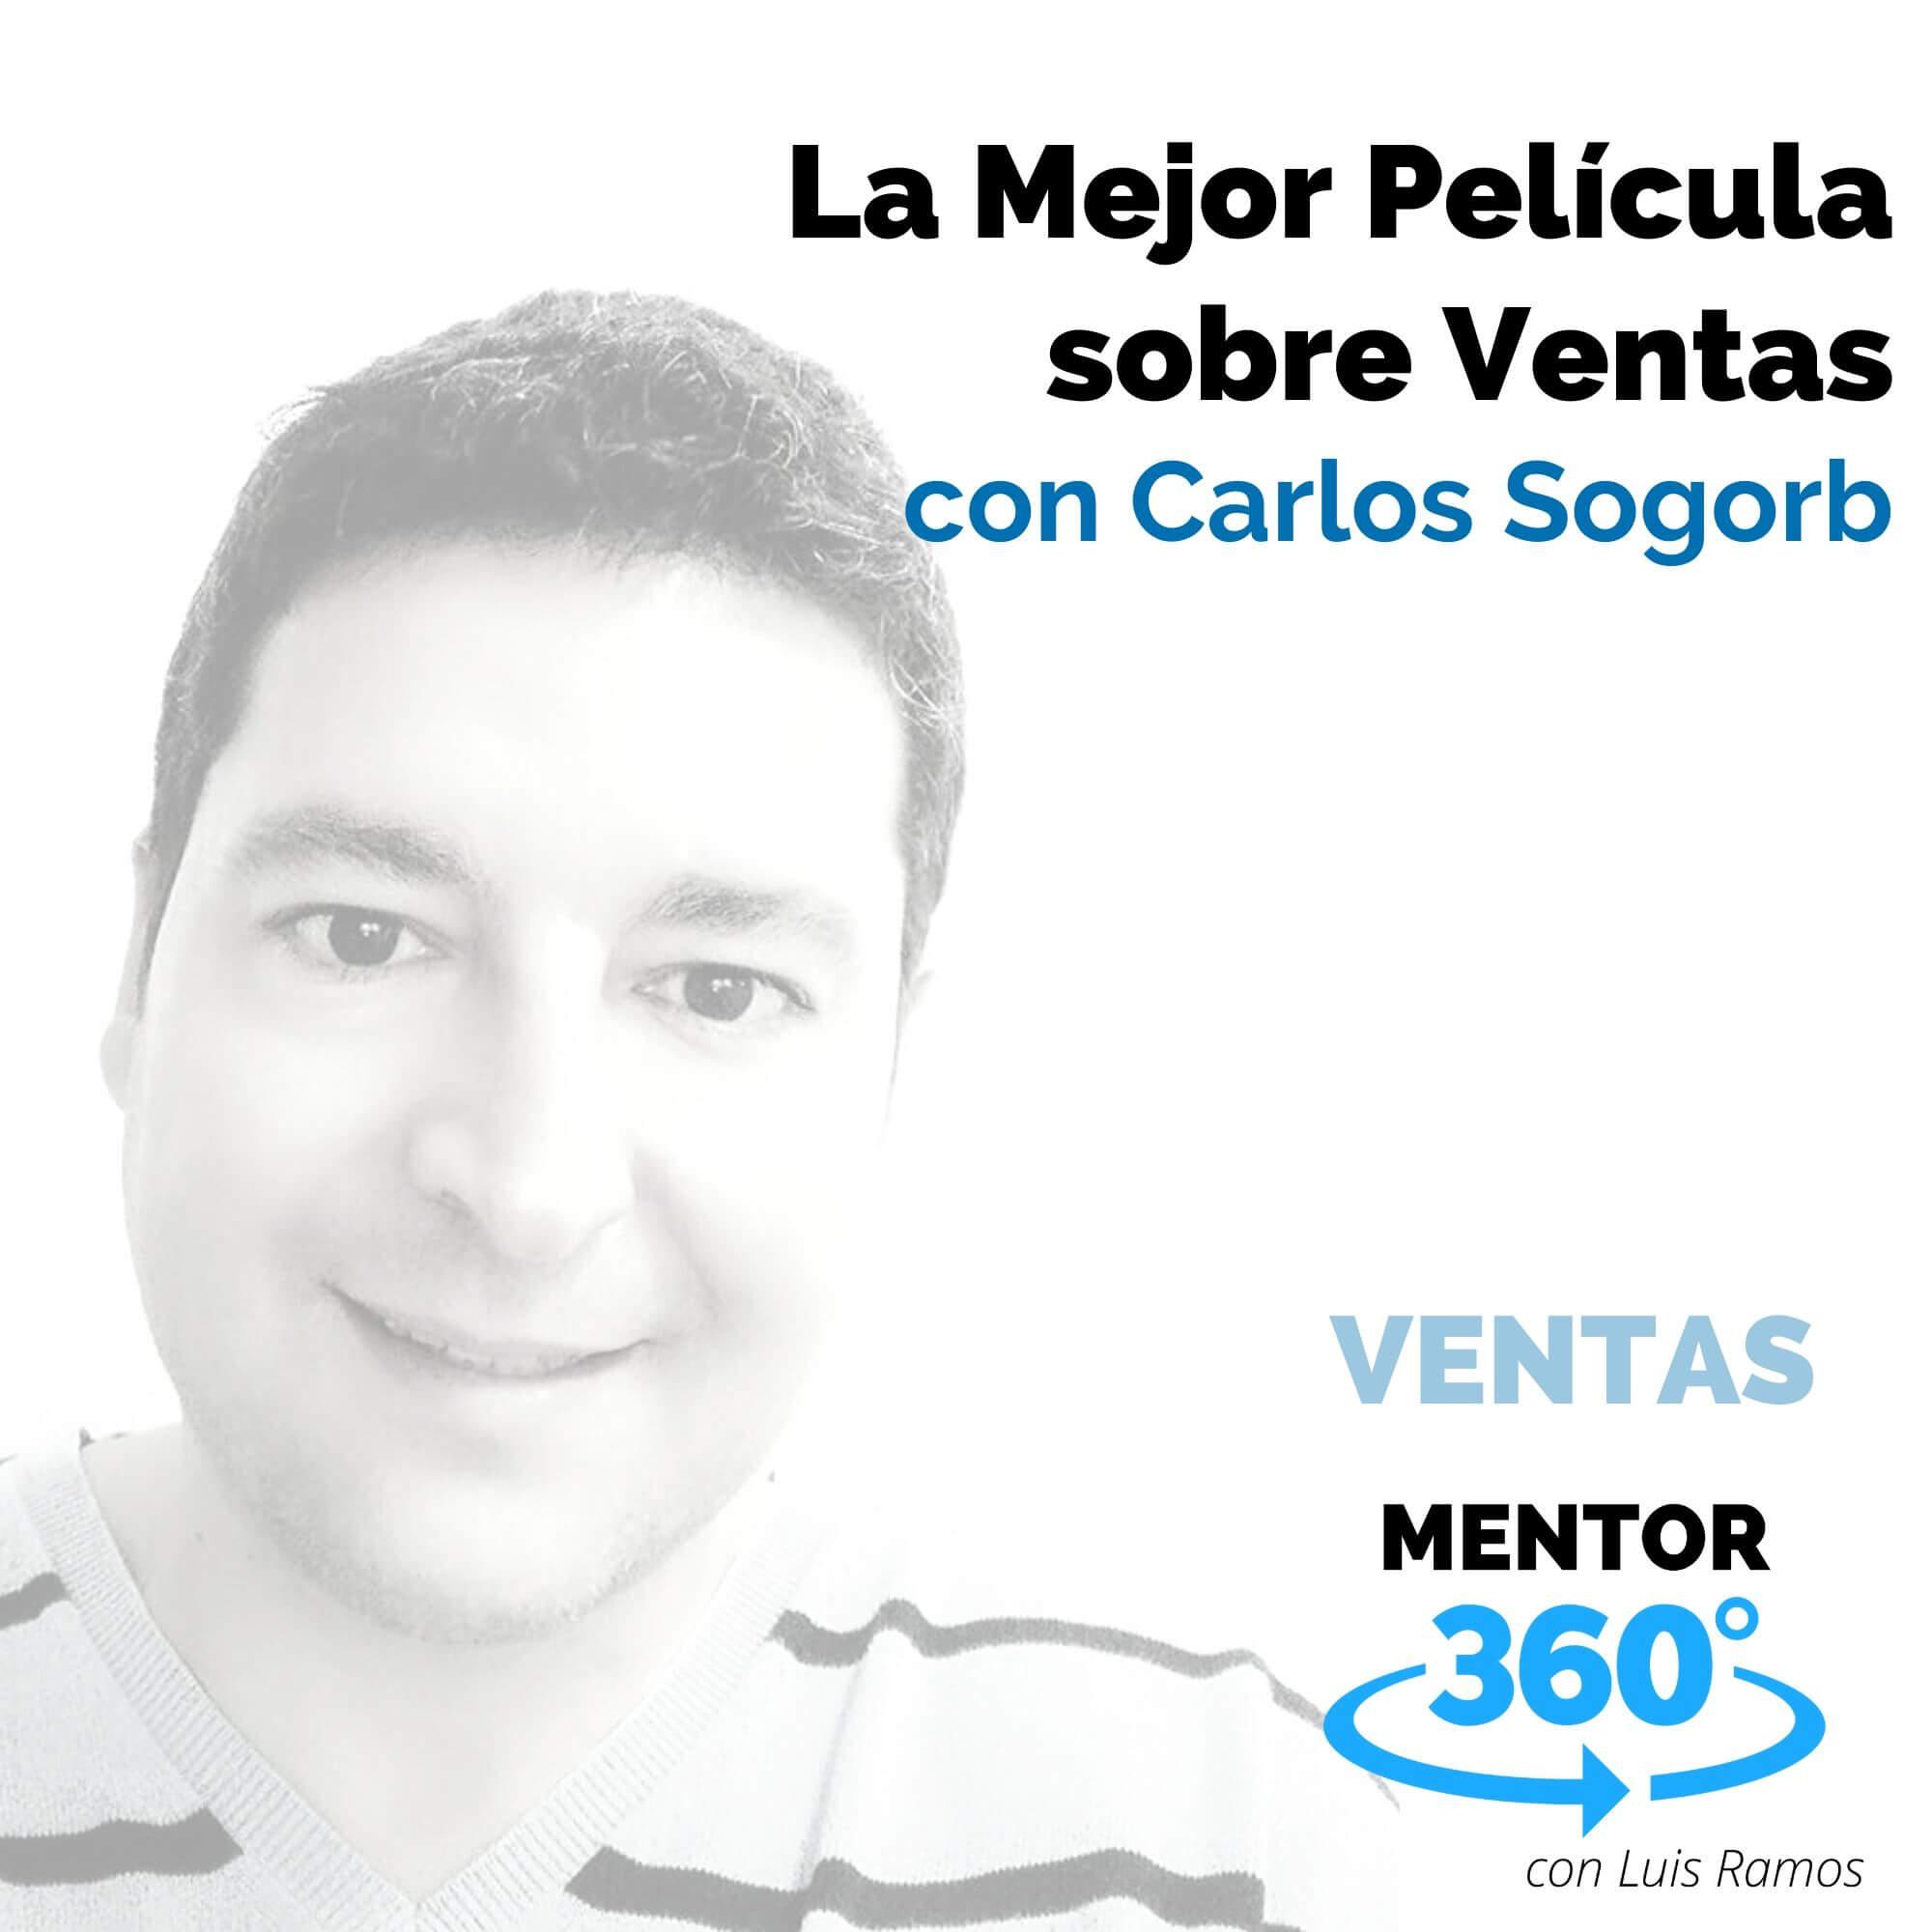 La mejor película para vendedores, con Carlos Sogorb - VENTAS